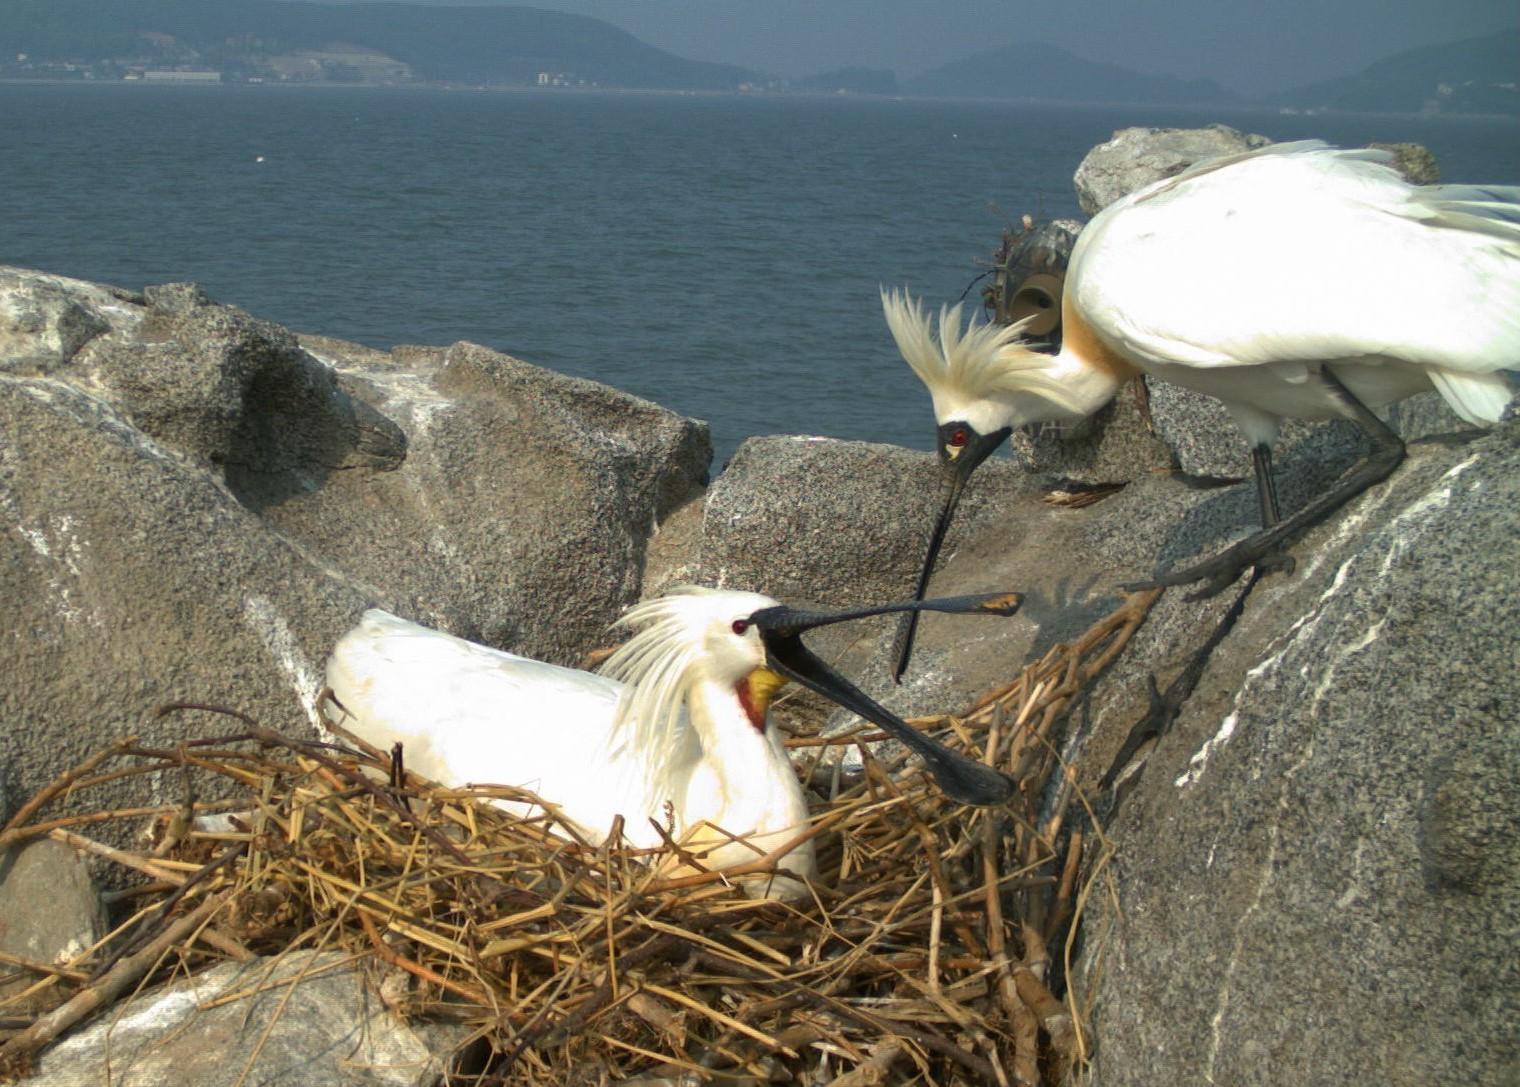 인천 강화도 각시암에서 사진에 잡힌암컷 저어새(오른쪽)와 수컷 누랑부리저어새 부부 저어새 종류는 암수가 번갈아 알을 품는다. [사진 한국조류연구소]